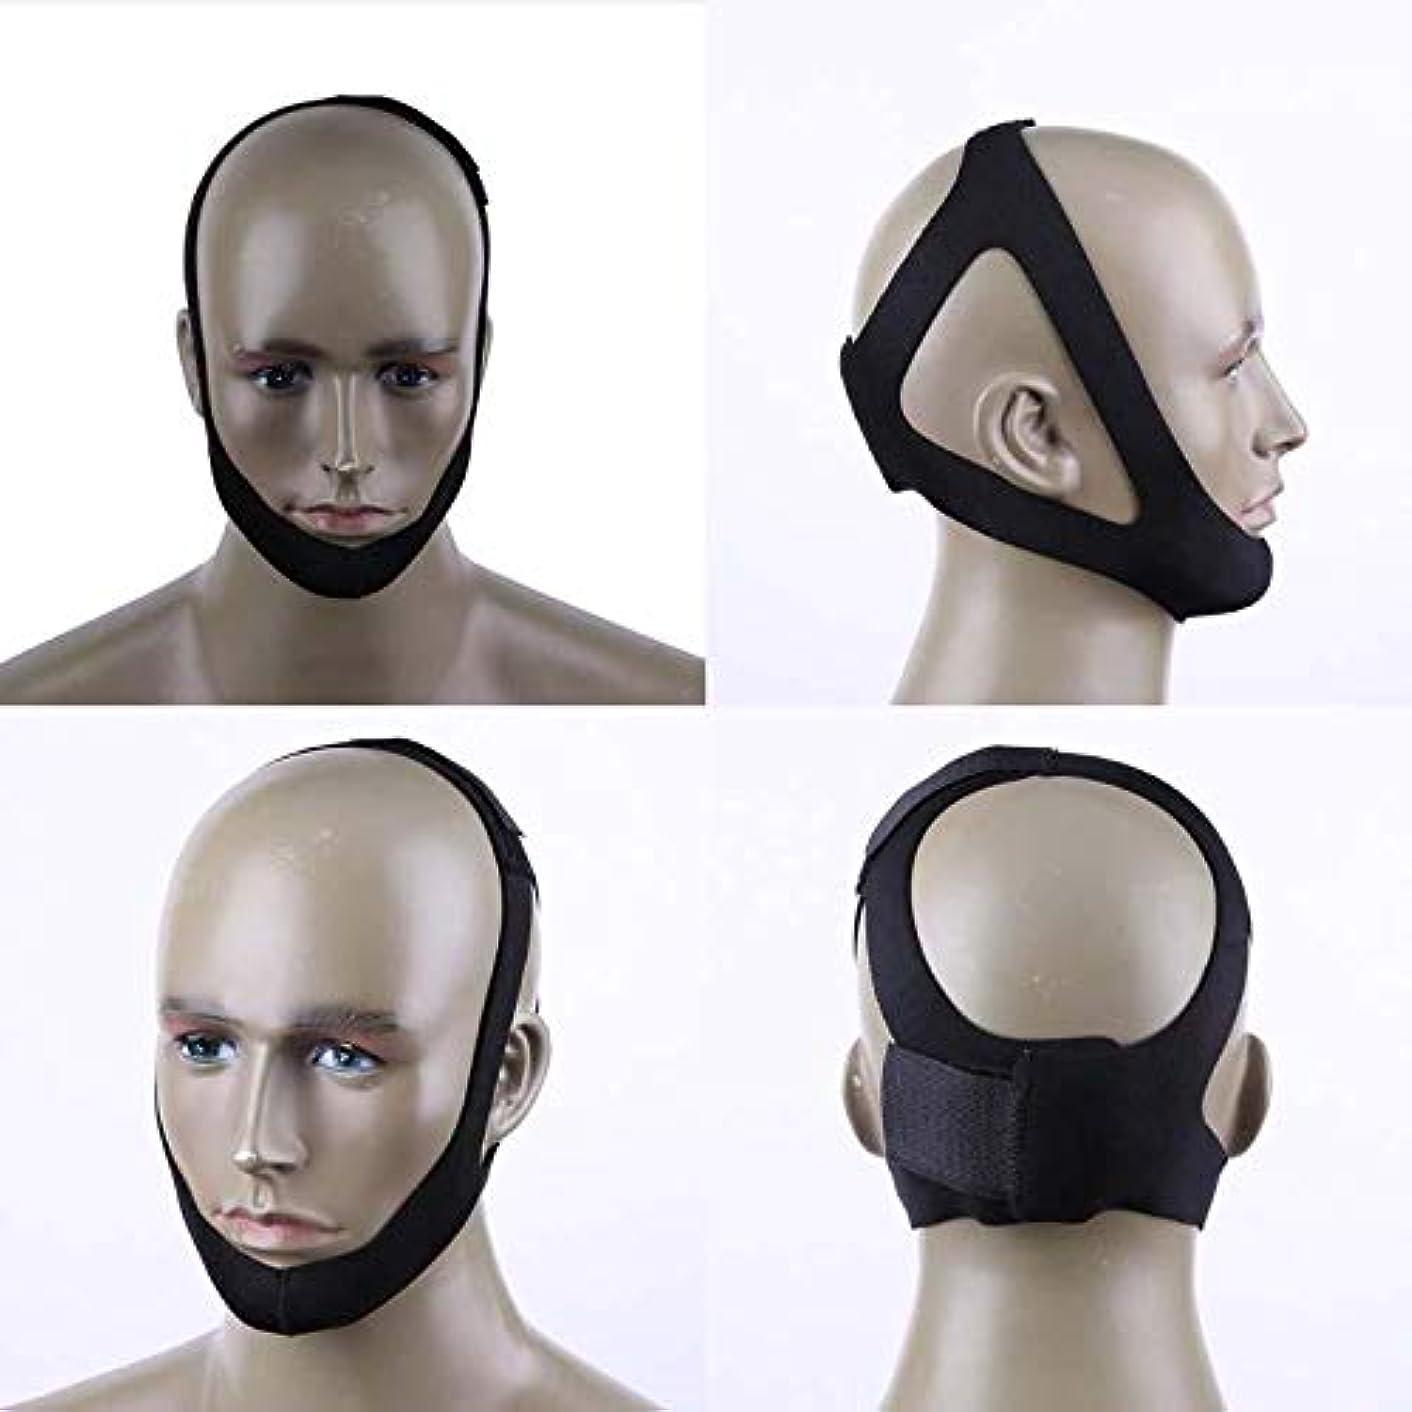 アクセサリーバーガーオッズNOTE 睡眠マスク三角形抗いびきヘッドバンド停止いびきいびき止めあごの顎いびき抵抗女性男睡眠ツール